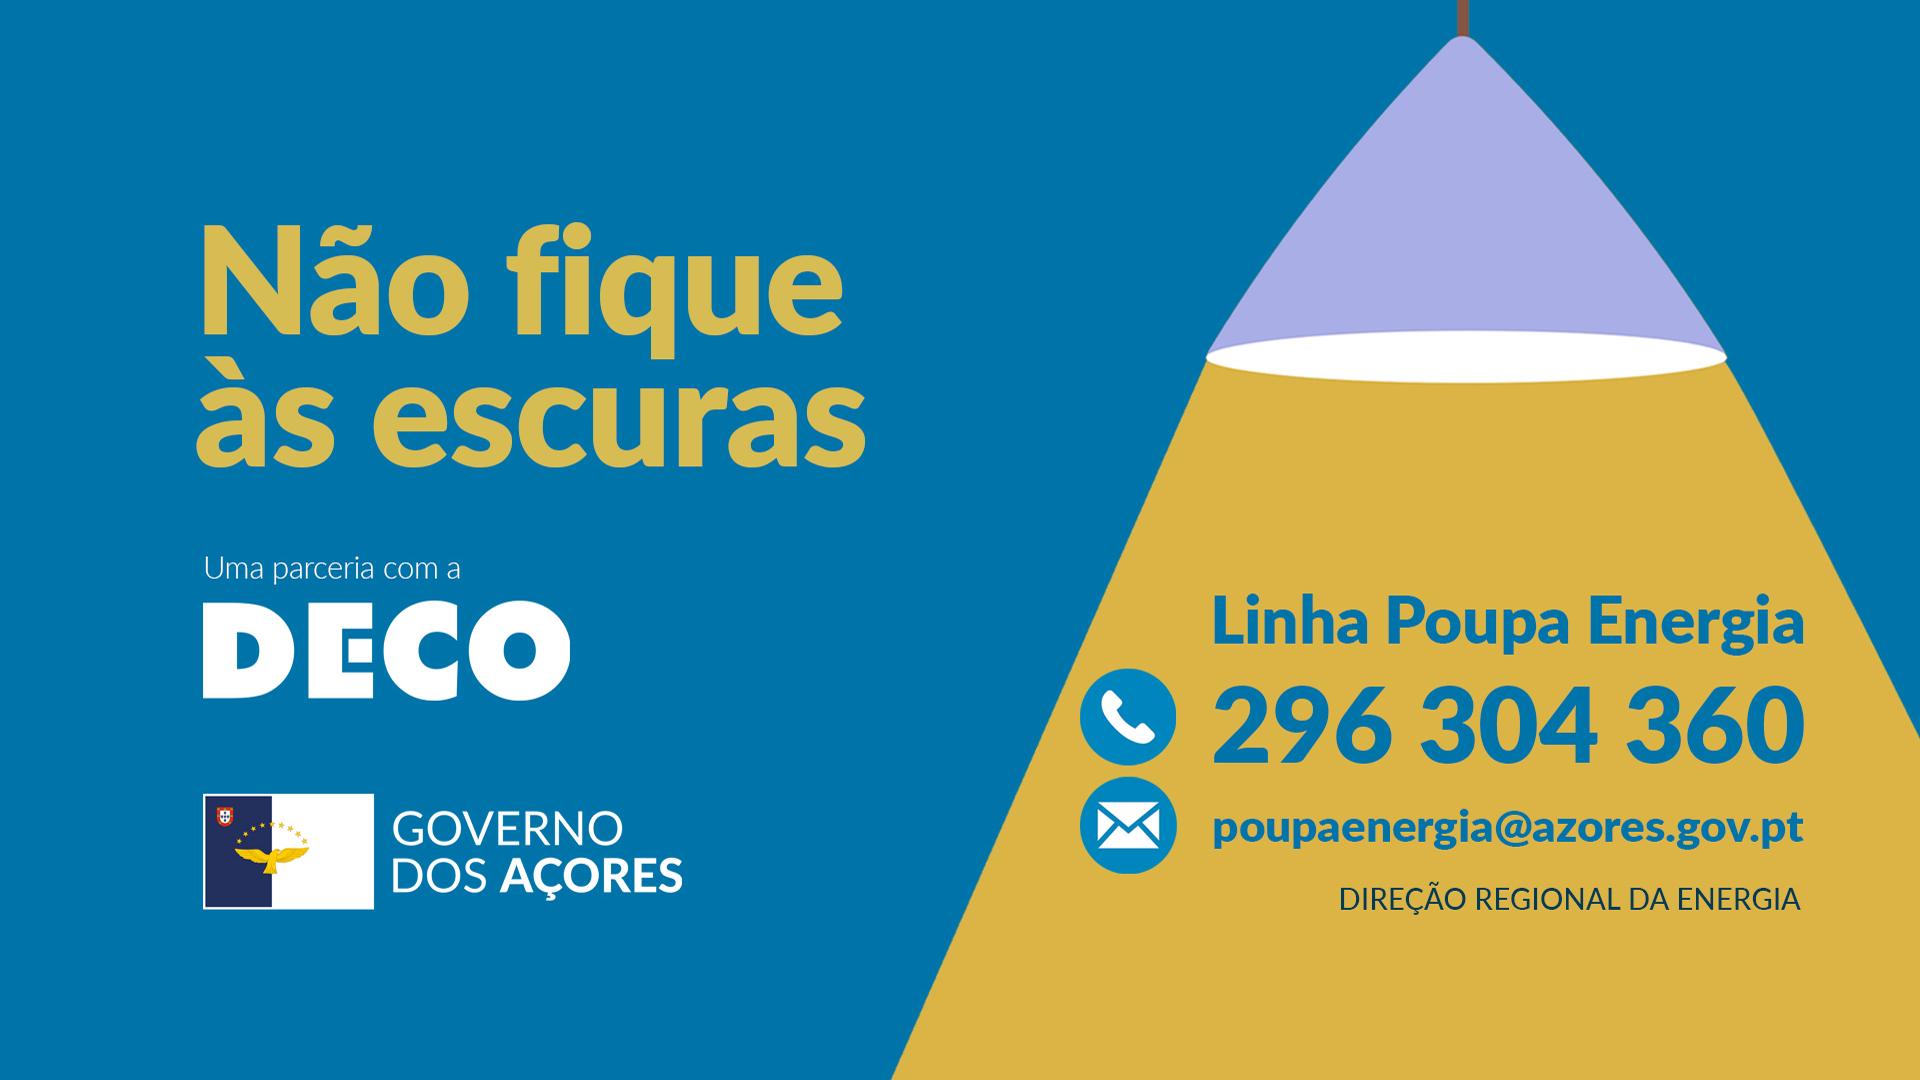 Governo dos Açores associa-se à DECO na promoção da eficiência energética